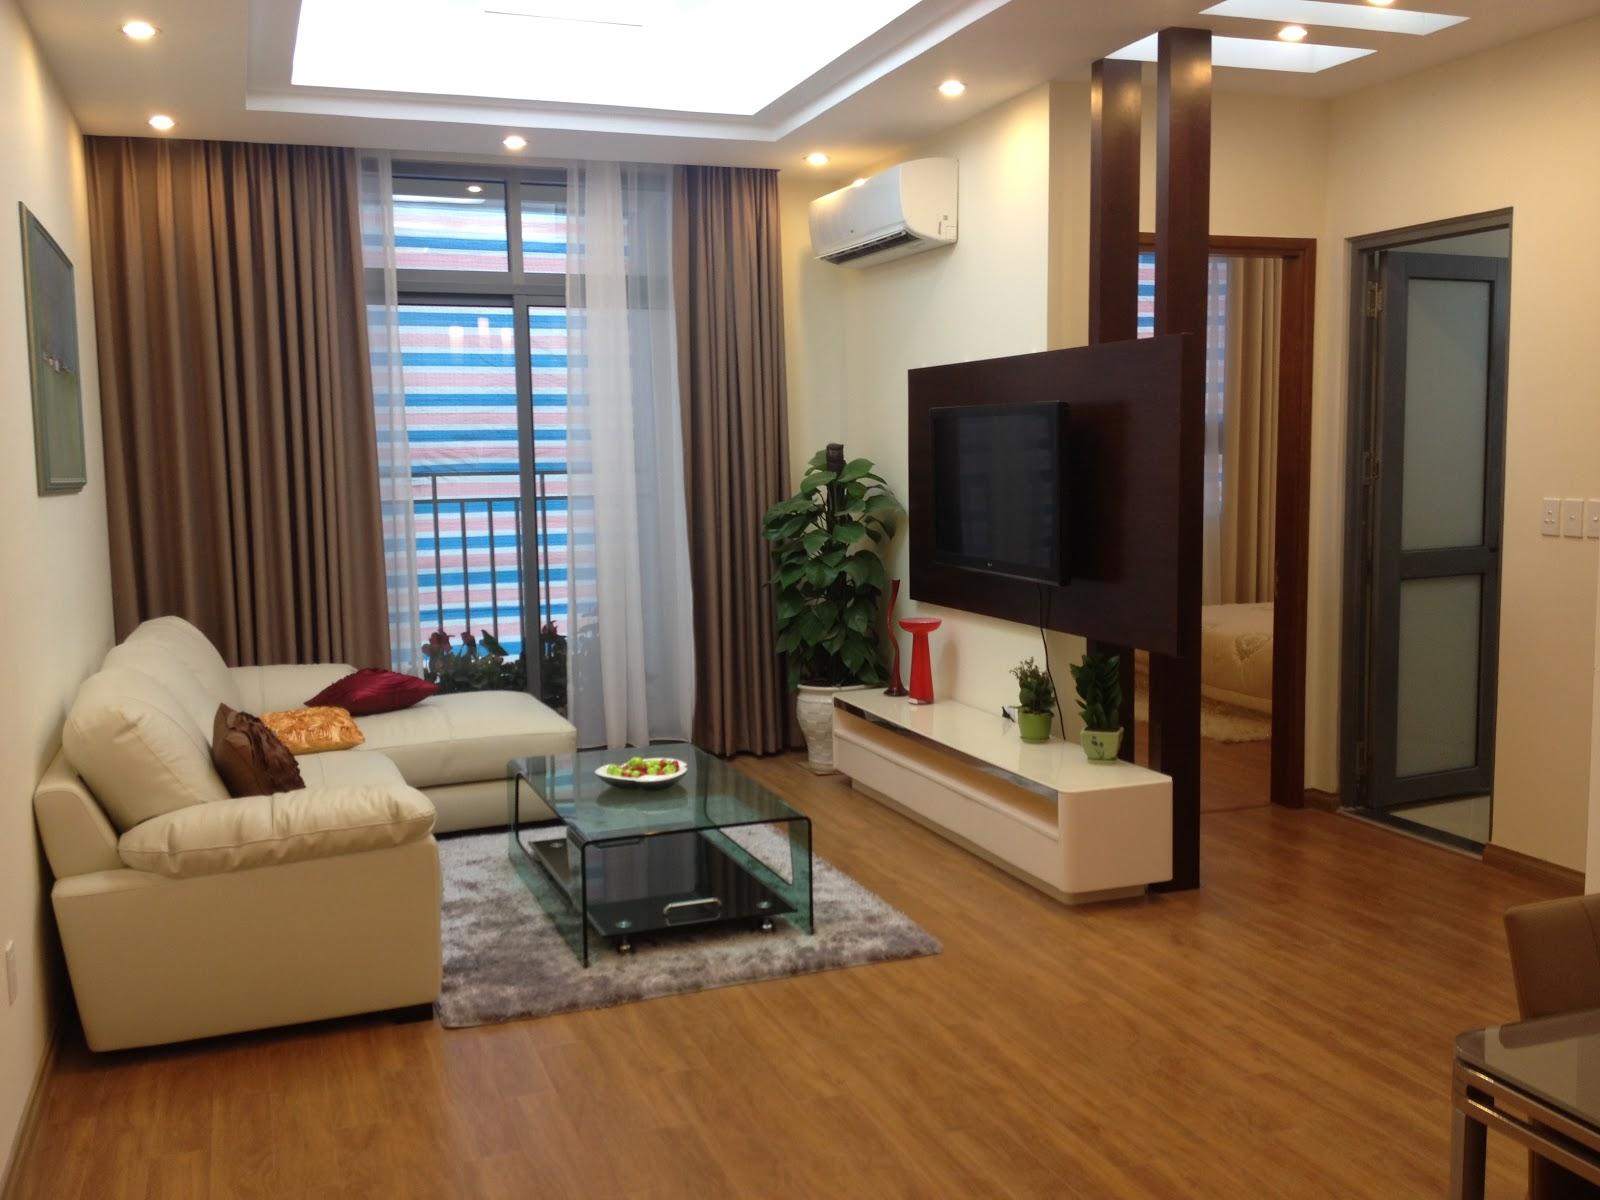 Các bước sửa chữa căn hộ chung cư khoa học và hợp tài chính